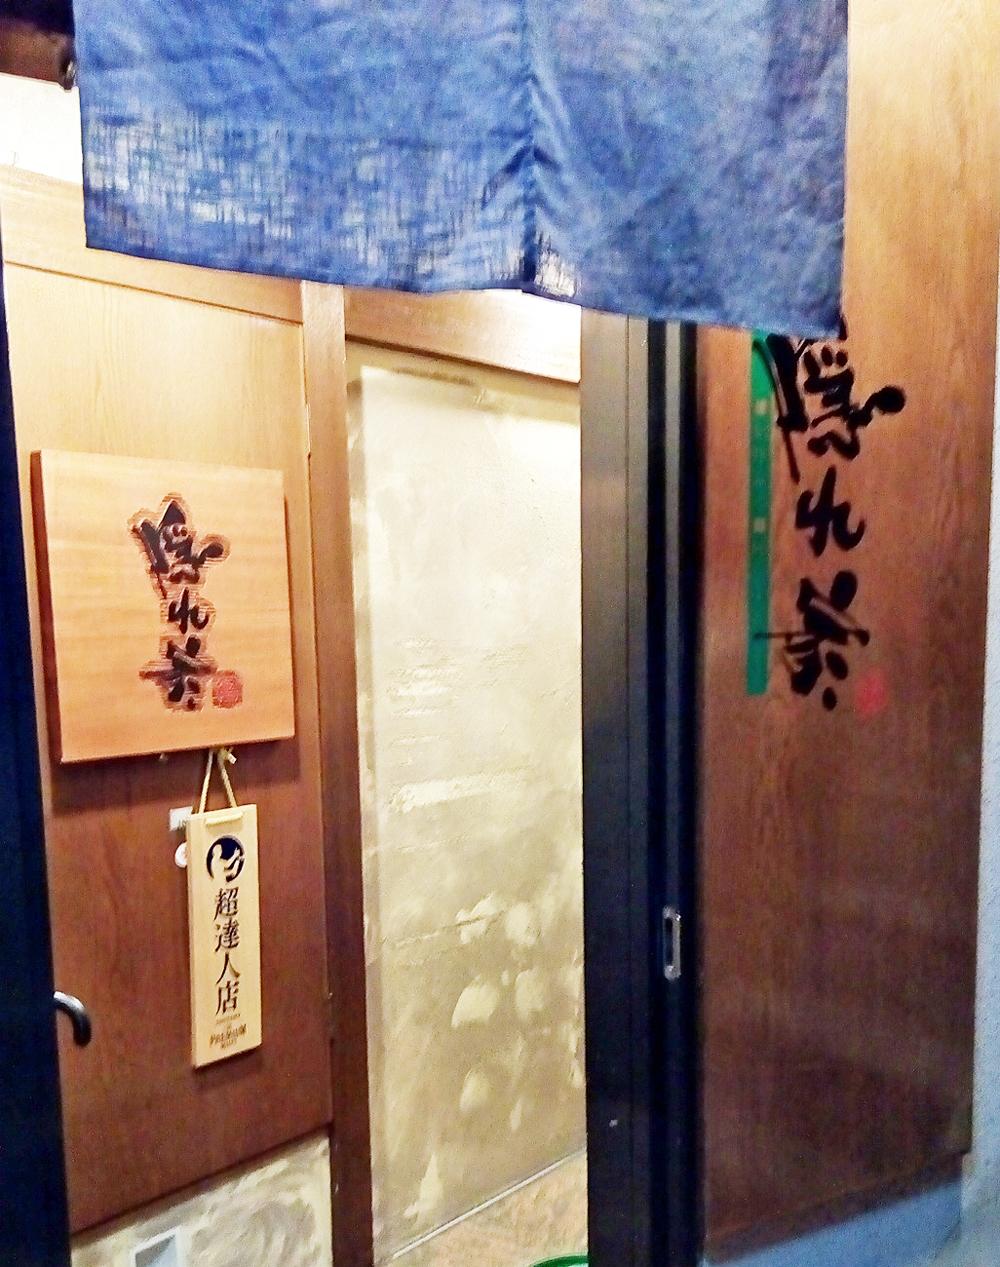 大船・居酒屋・個人店・隠れ家・鍋料理